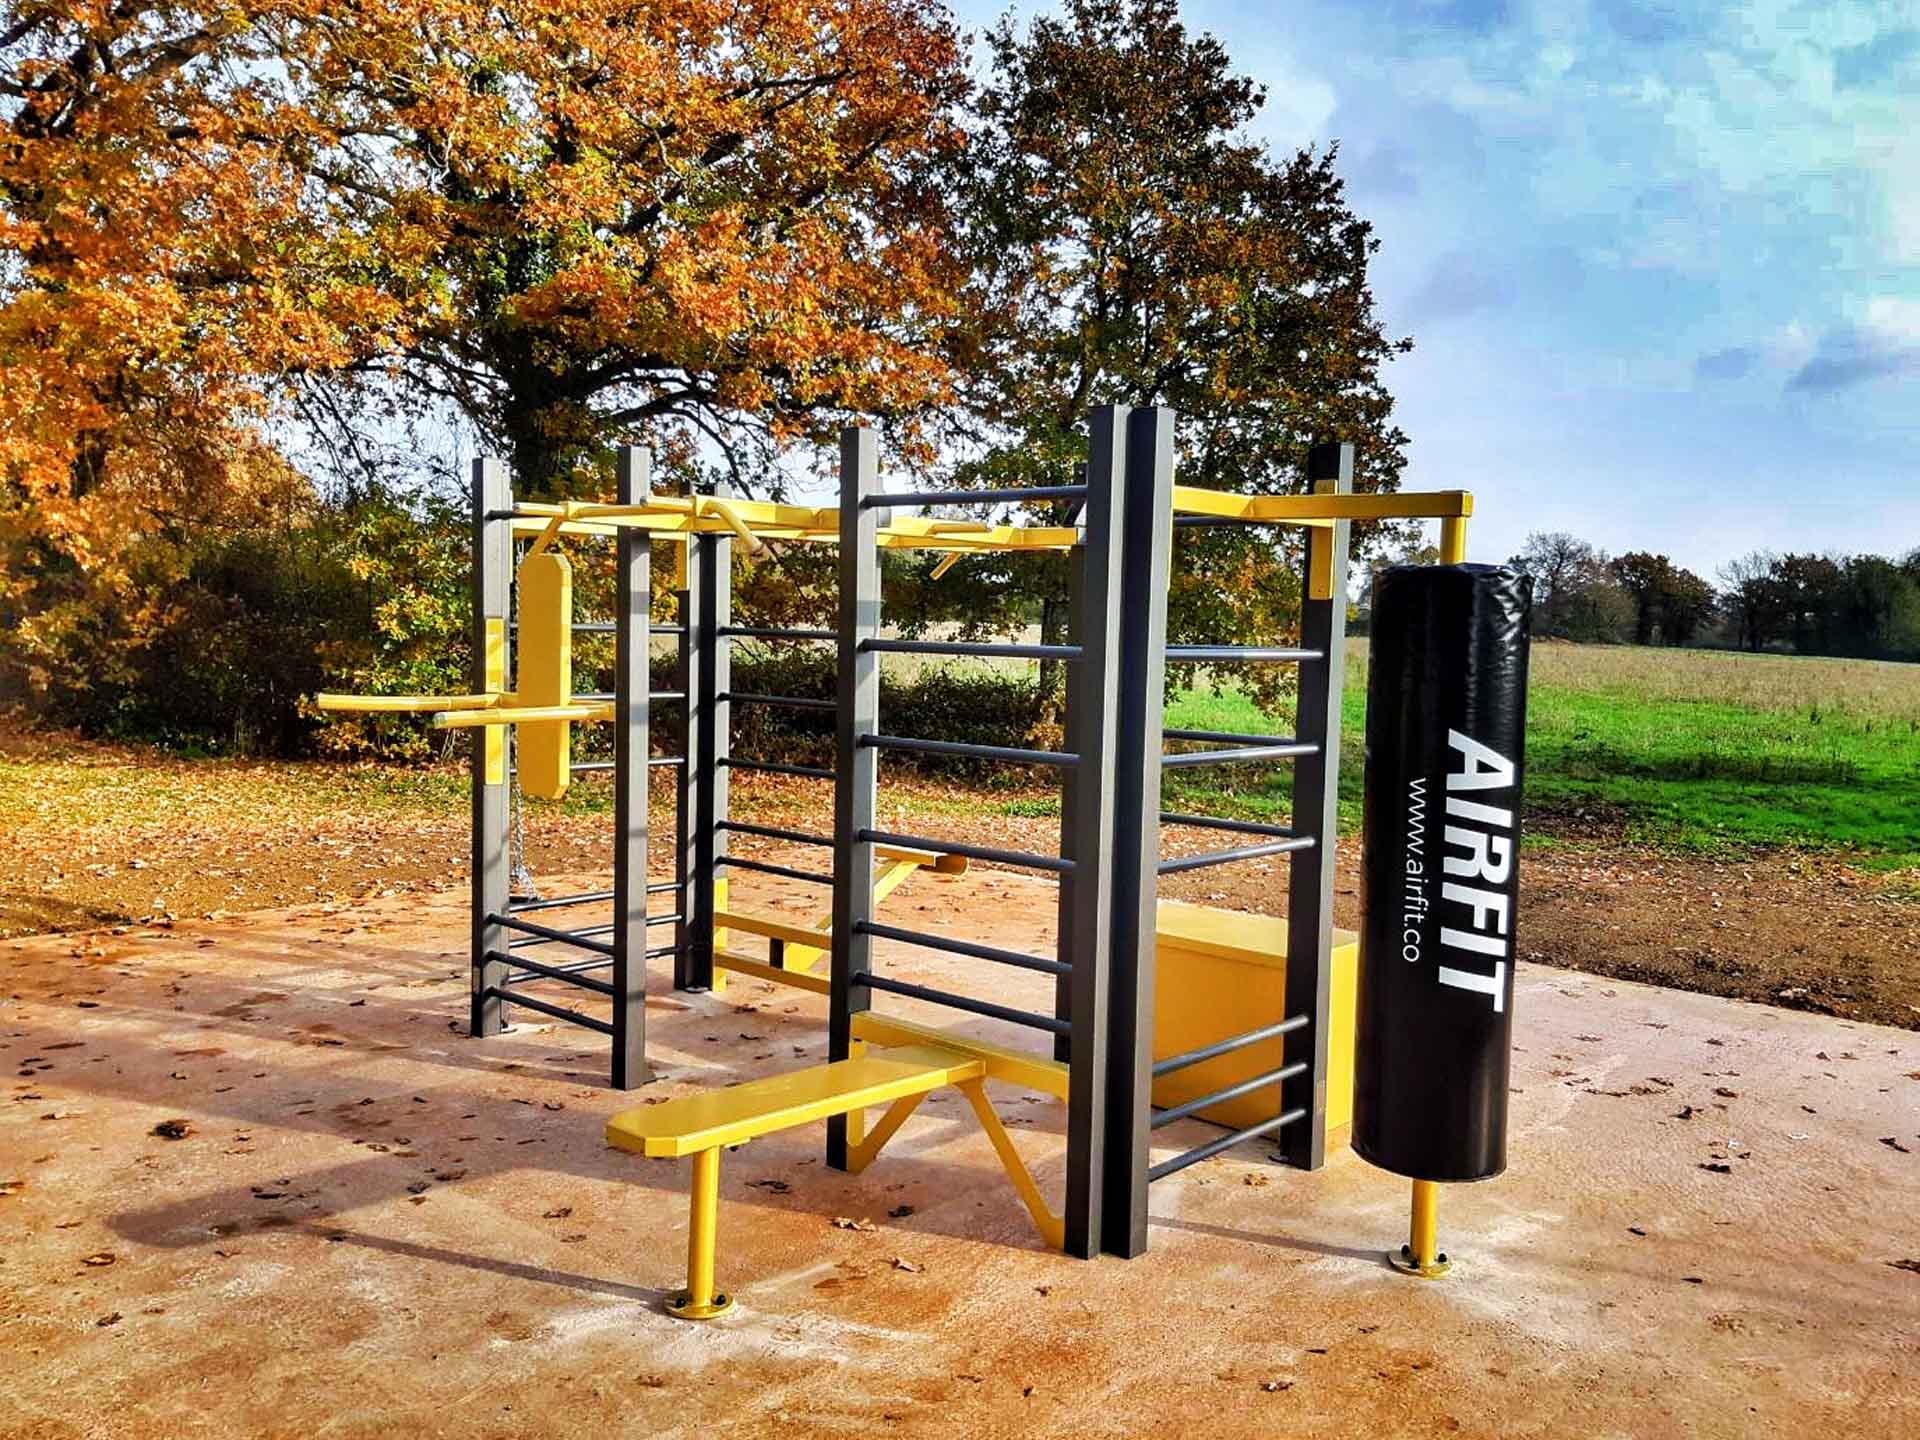 Photo des équipements sportifs en extérieur du Parc de Loisir de Chartres de Bretagne